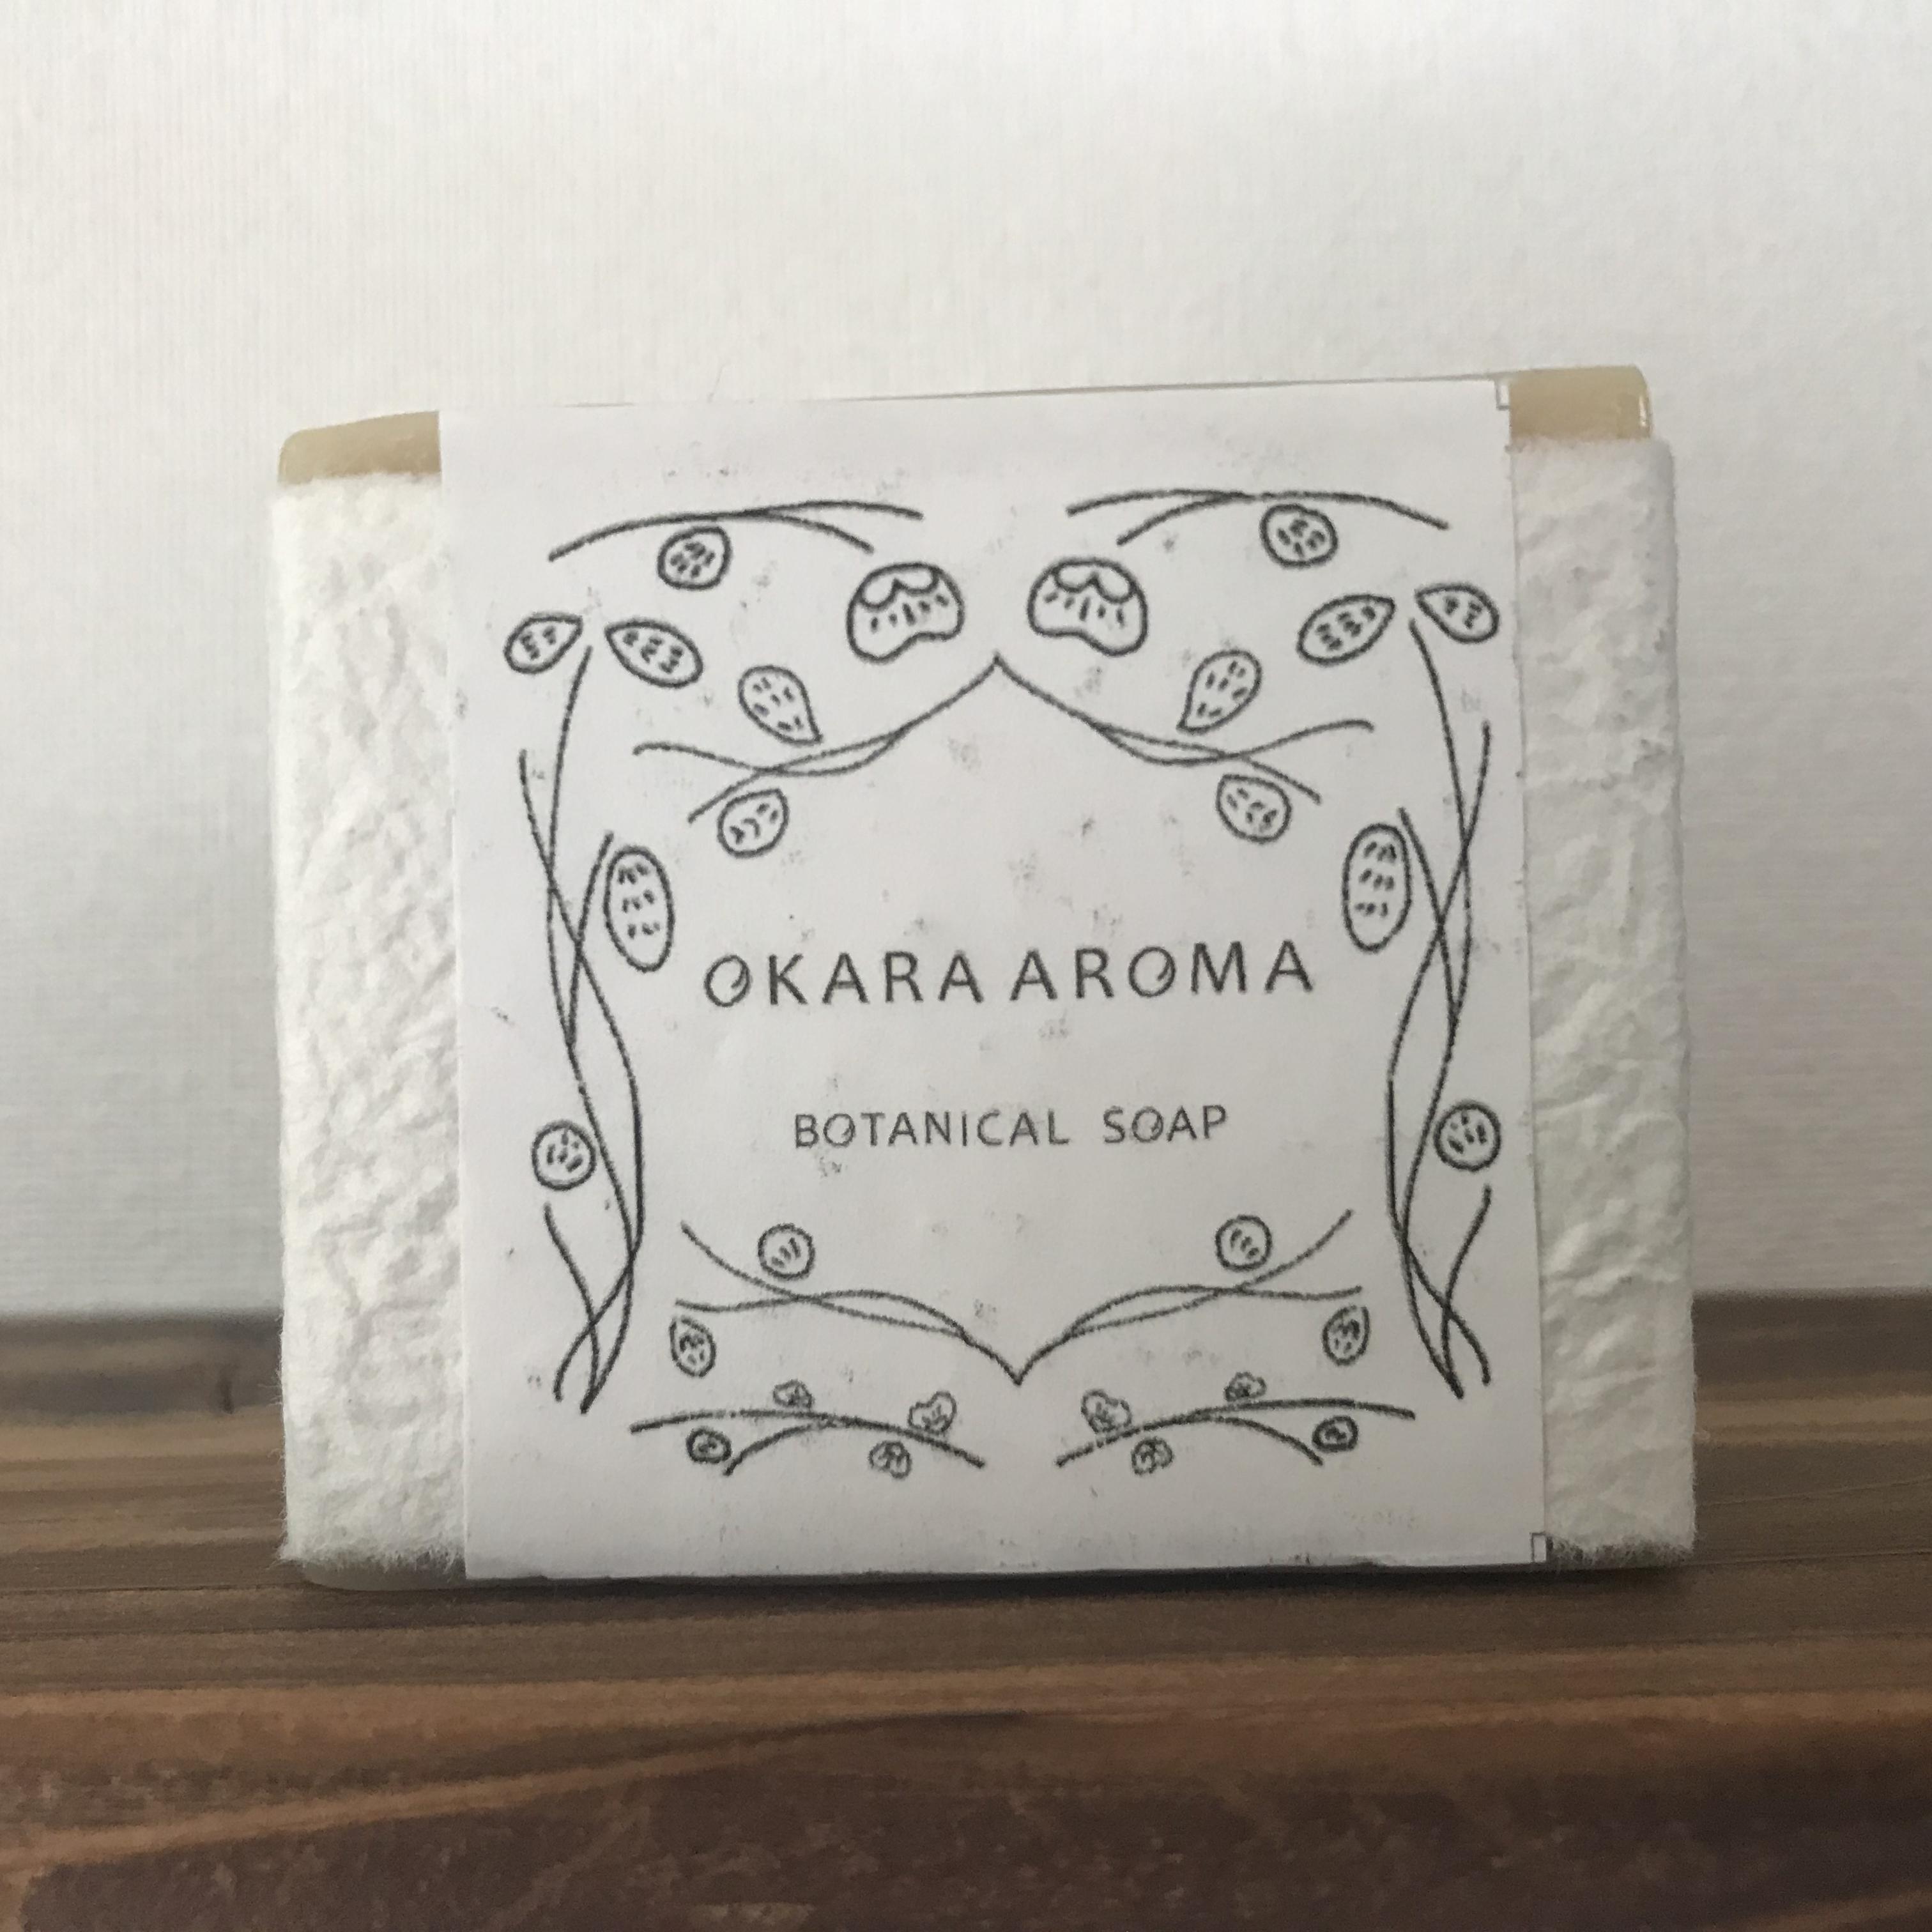 【オススメ!】おからとアロマを融合させた化粧石鹸